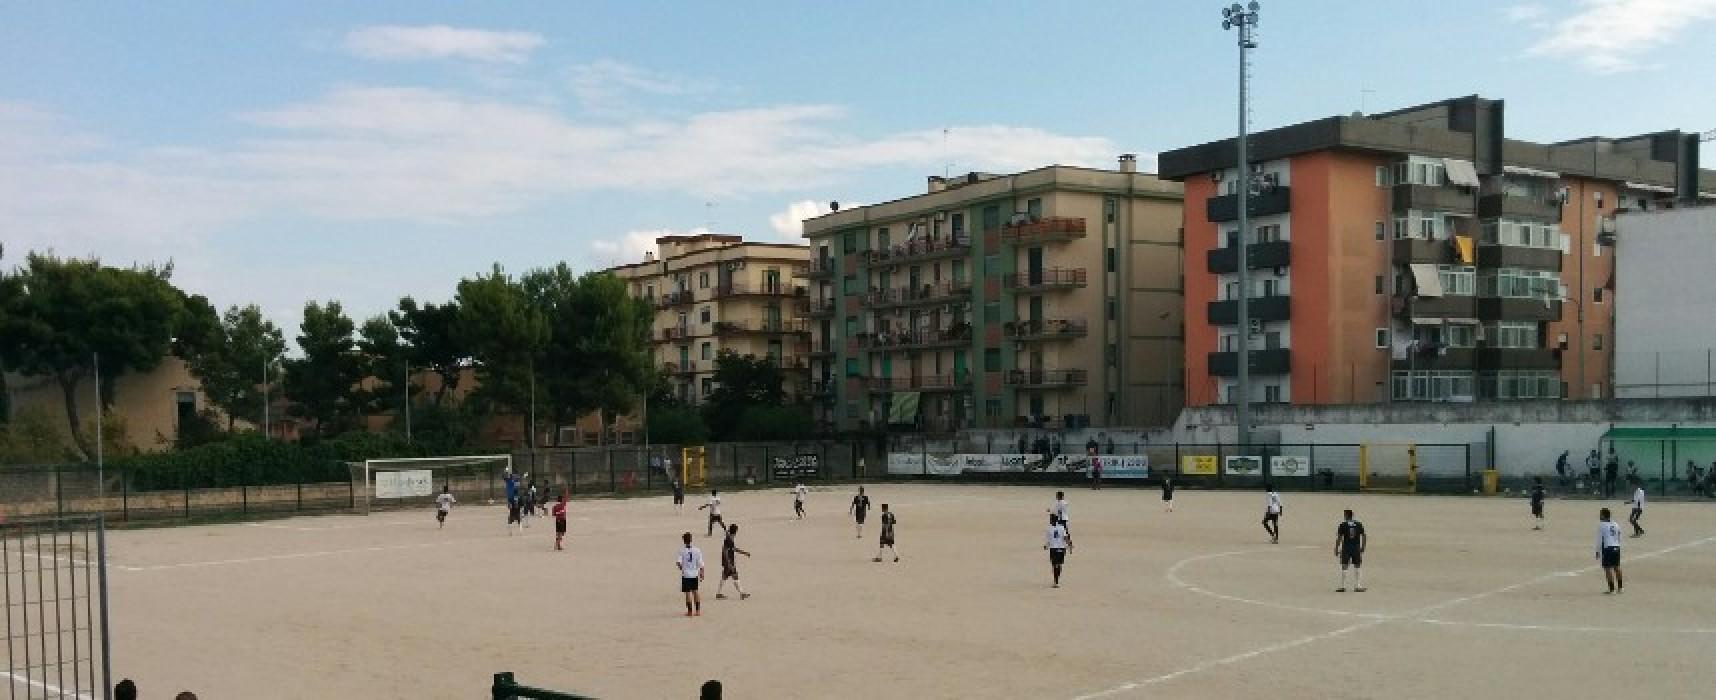 Unione Calcio, battere il Liberty Palo per dare seguito ad un periodo positivo